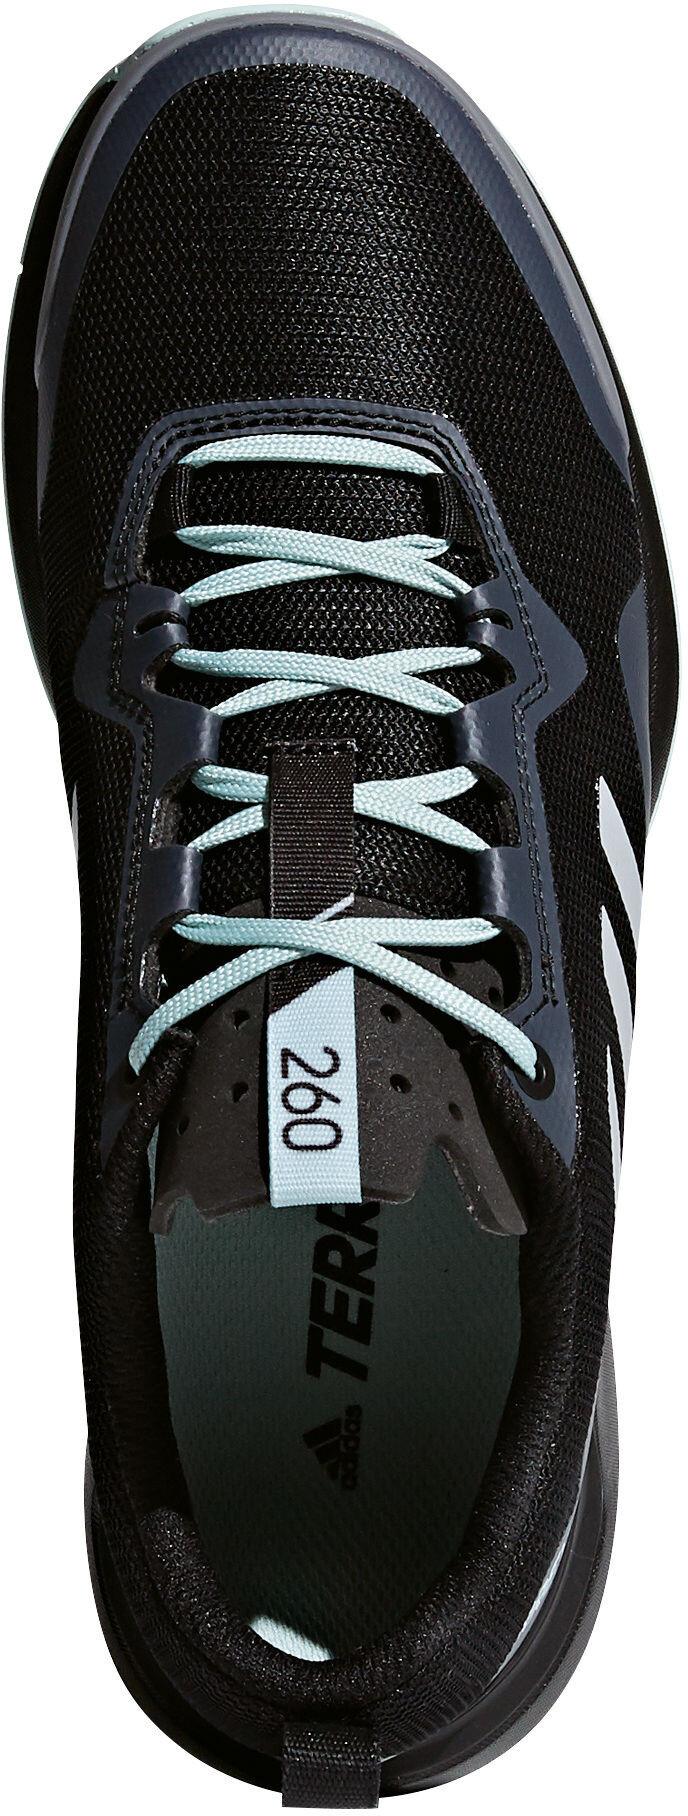 adidas TERREX CMTK Shoes Women core blackchalk whiteash green